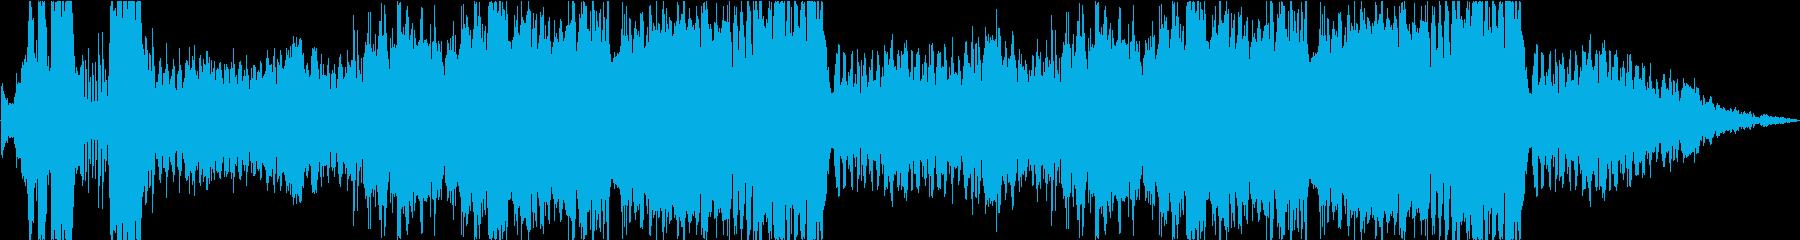 カートゥーン調のコミカルなオーケストラの再生済みの波形